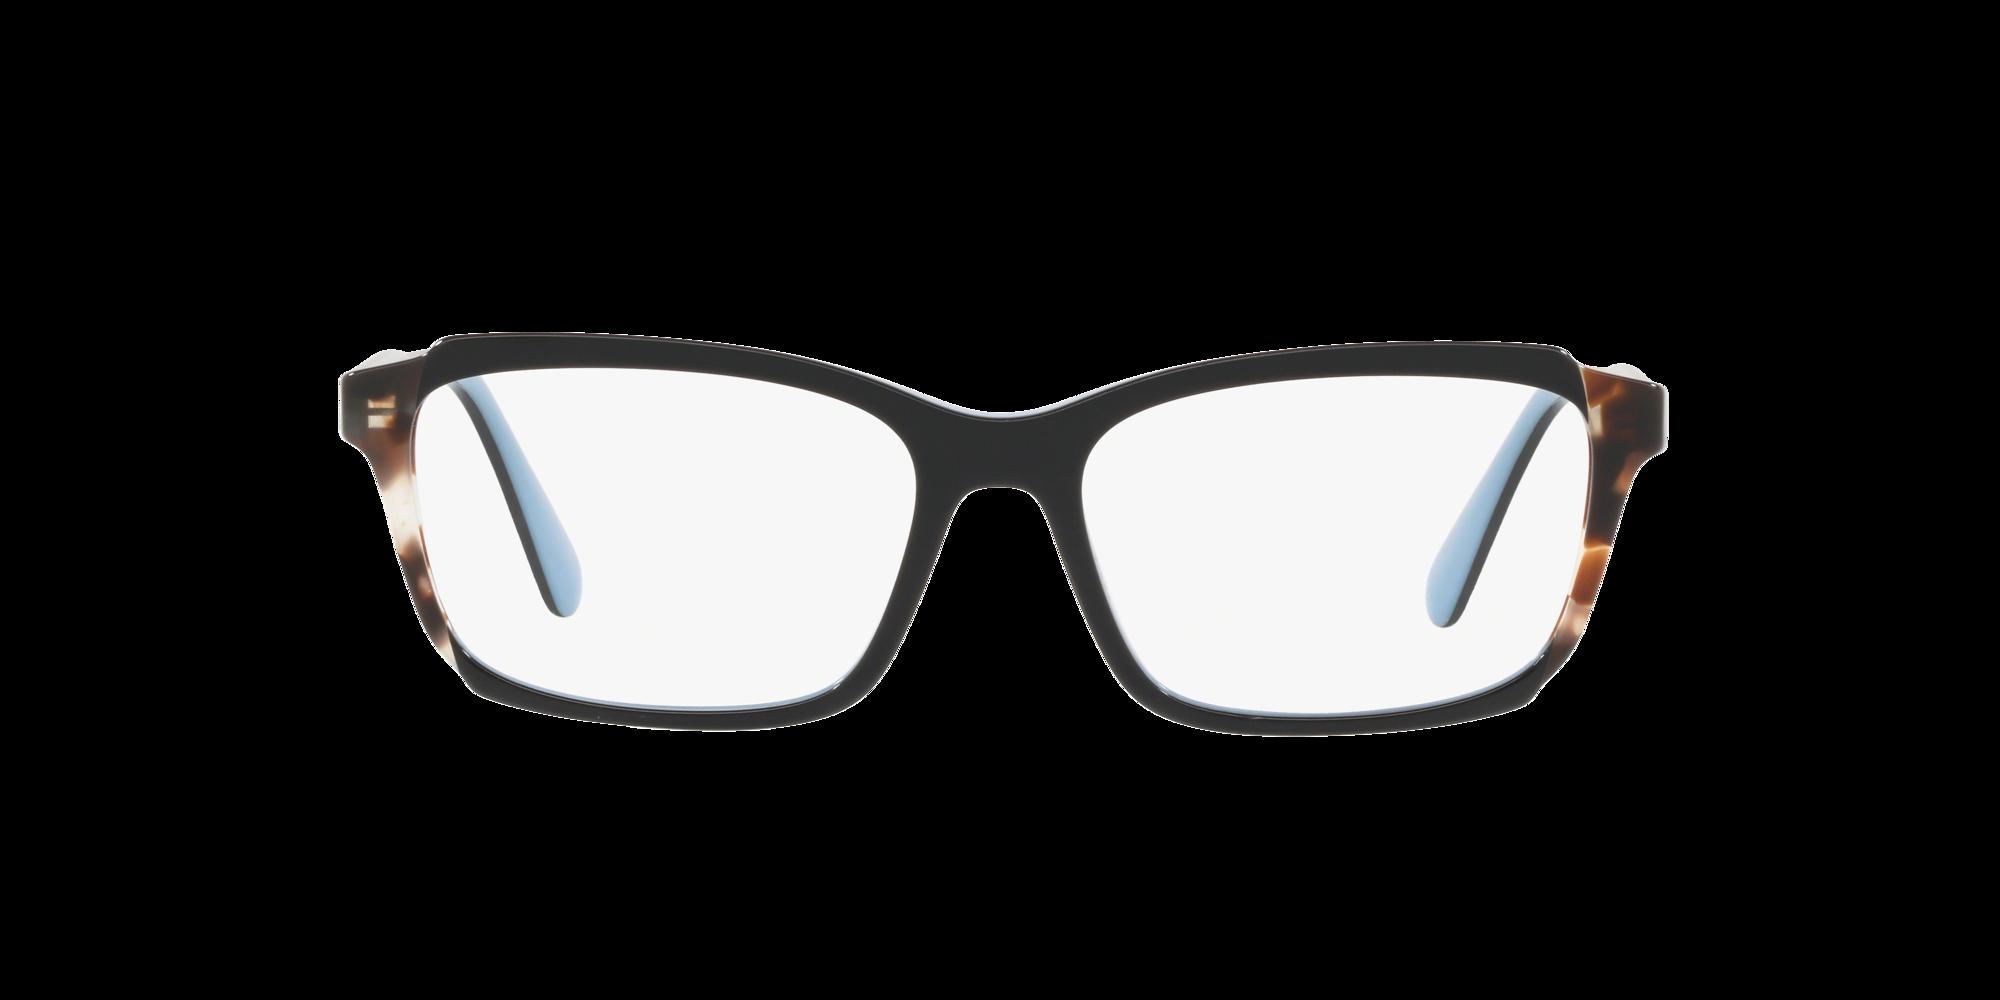 Imagen para PR 01VVF de LensCrafters |  Espejuelos, espejuelos graduados en línea, gafas